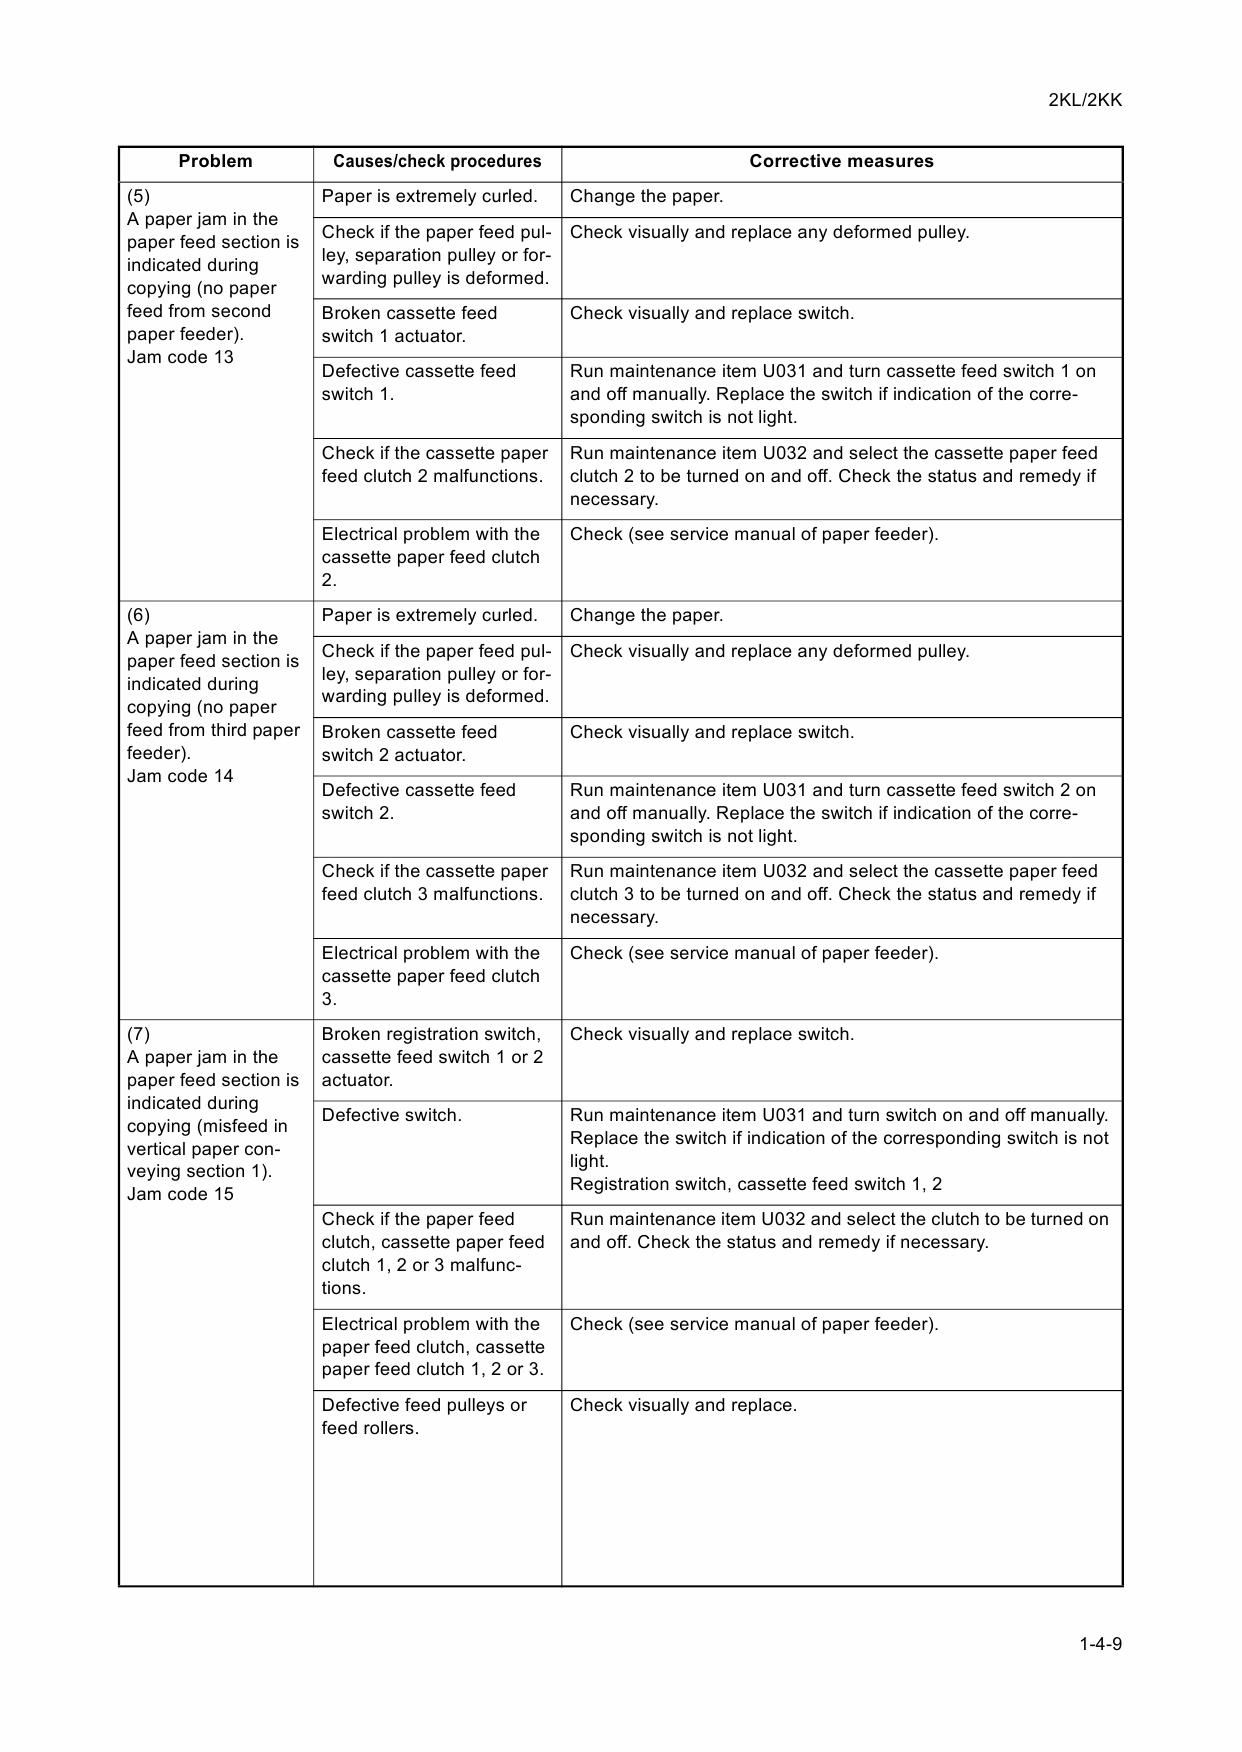 2018 chevy silverado service manual